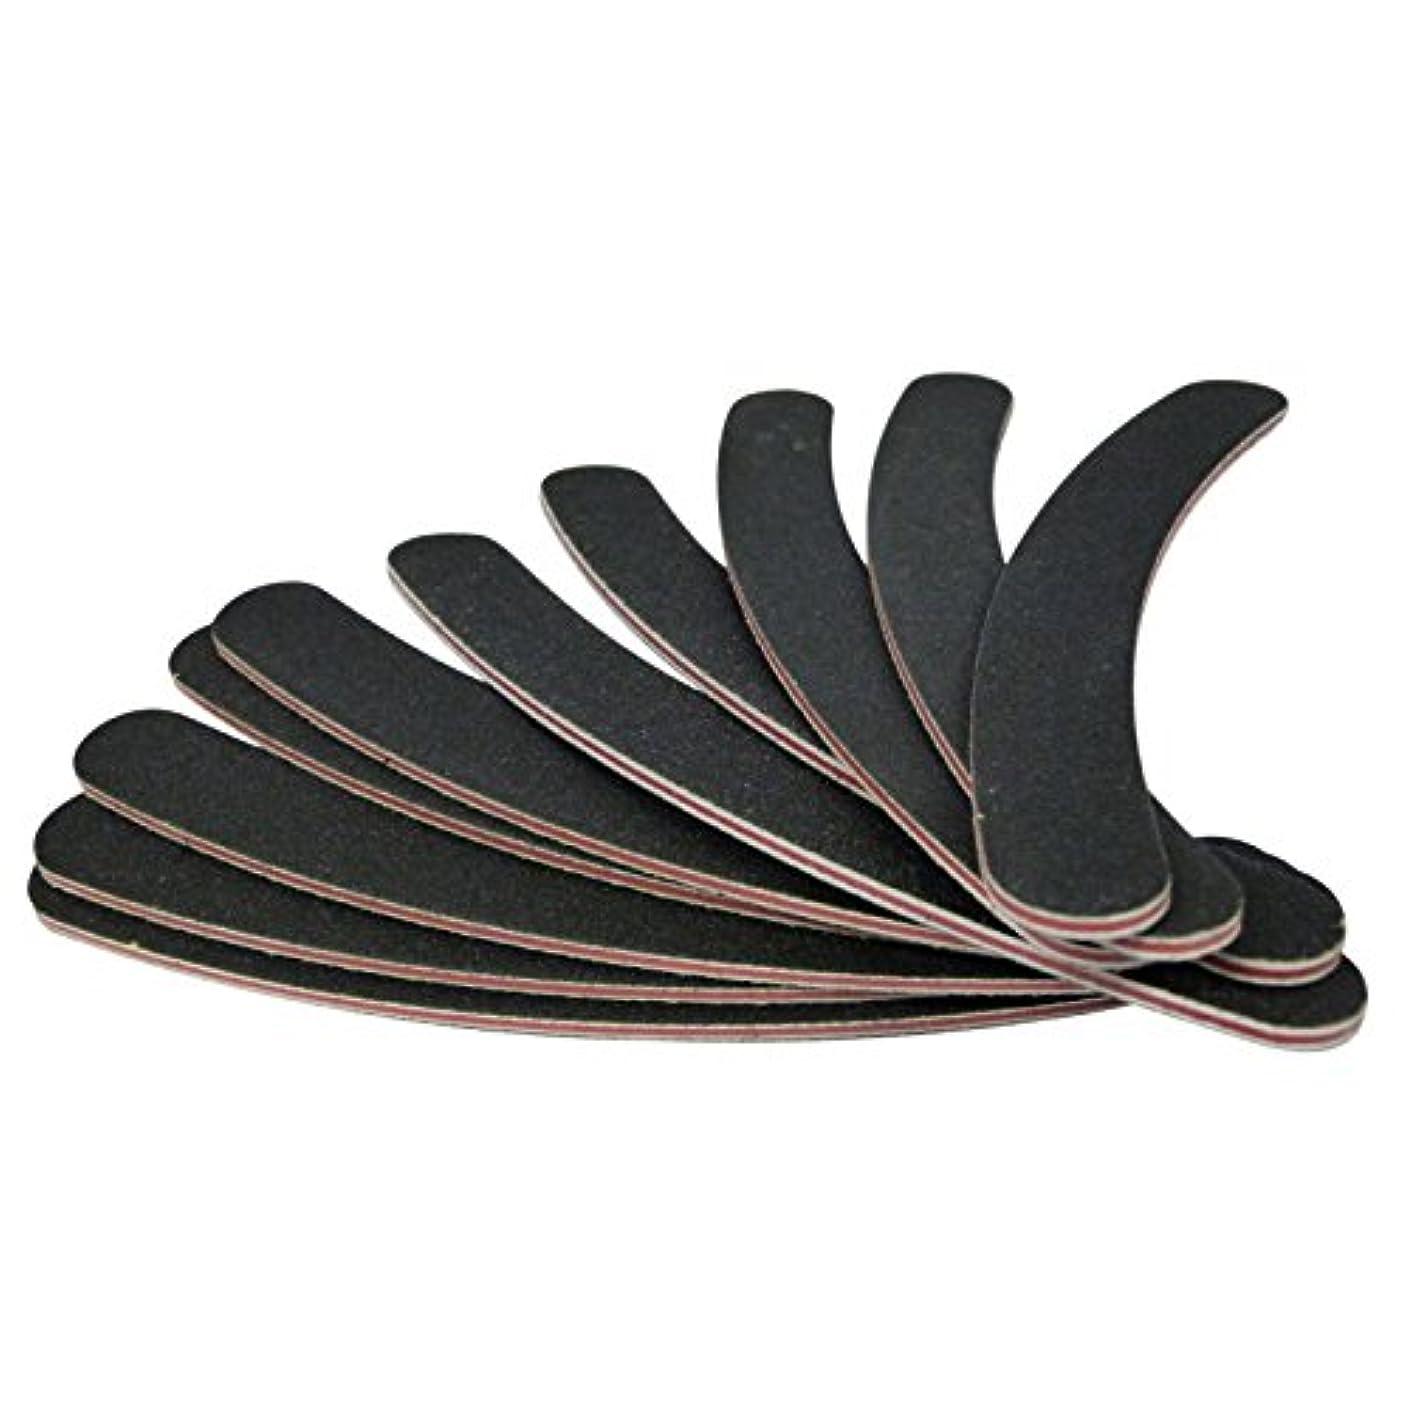 有望マッサージ句読点Naliovker 10ダブル両面100/180グリットブーメラン/バナナカーブ爪やすり英国エメリーボード